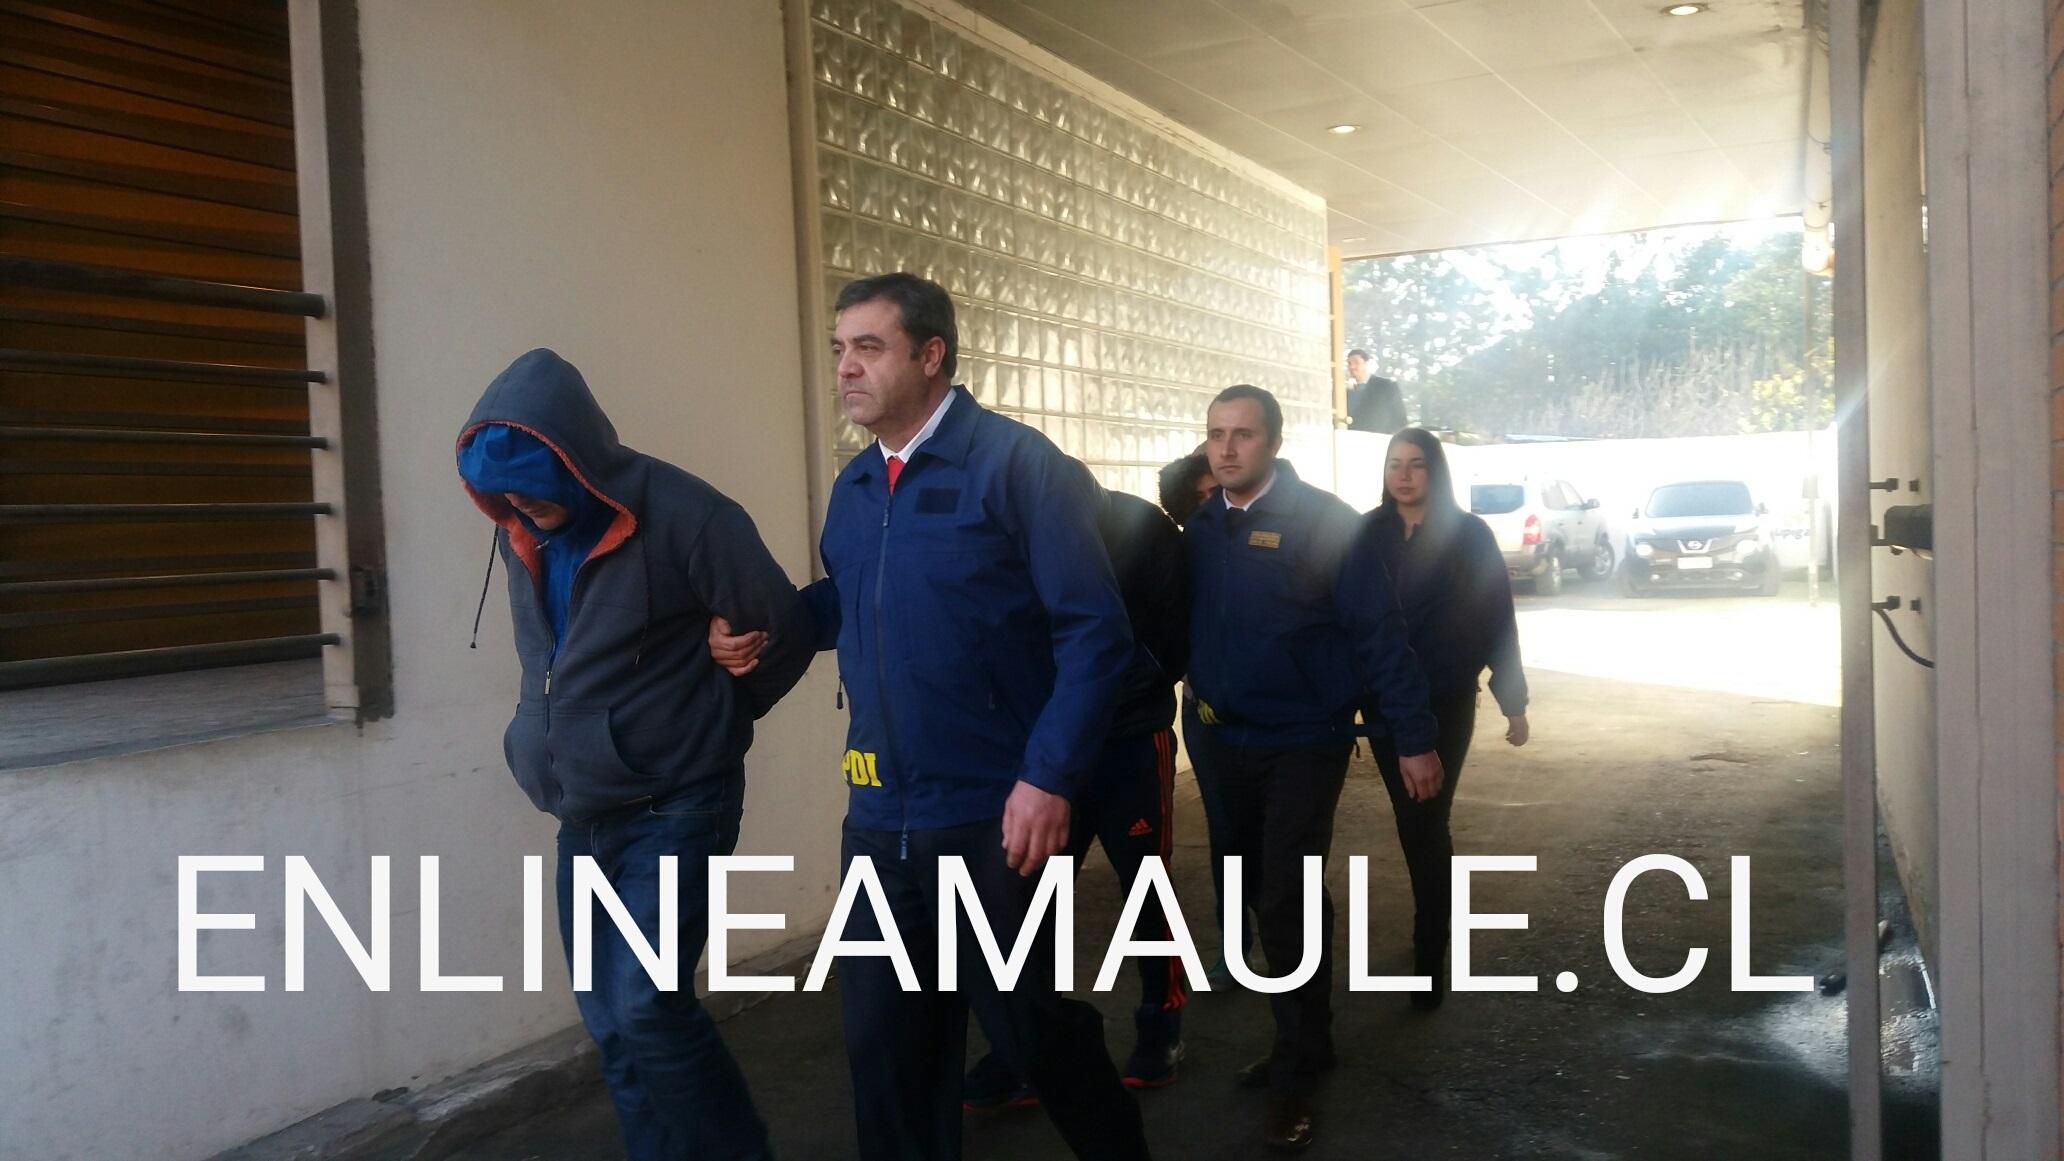 Exclusivo: Con 4 detenidos, e incautación de drogas, armas, y municiones, finaliza operativo de  BRIANT de la PDI en Maule